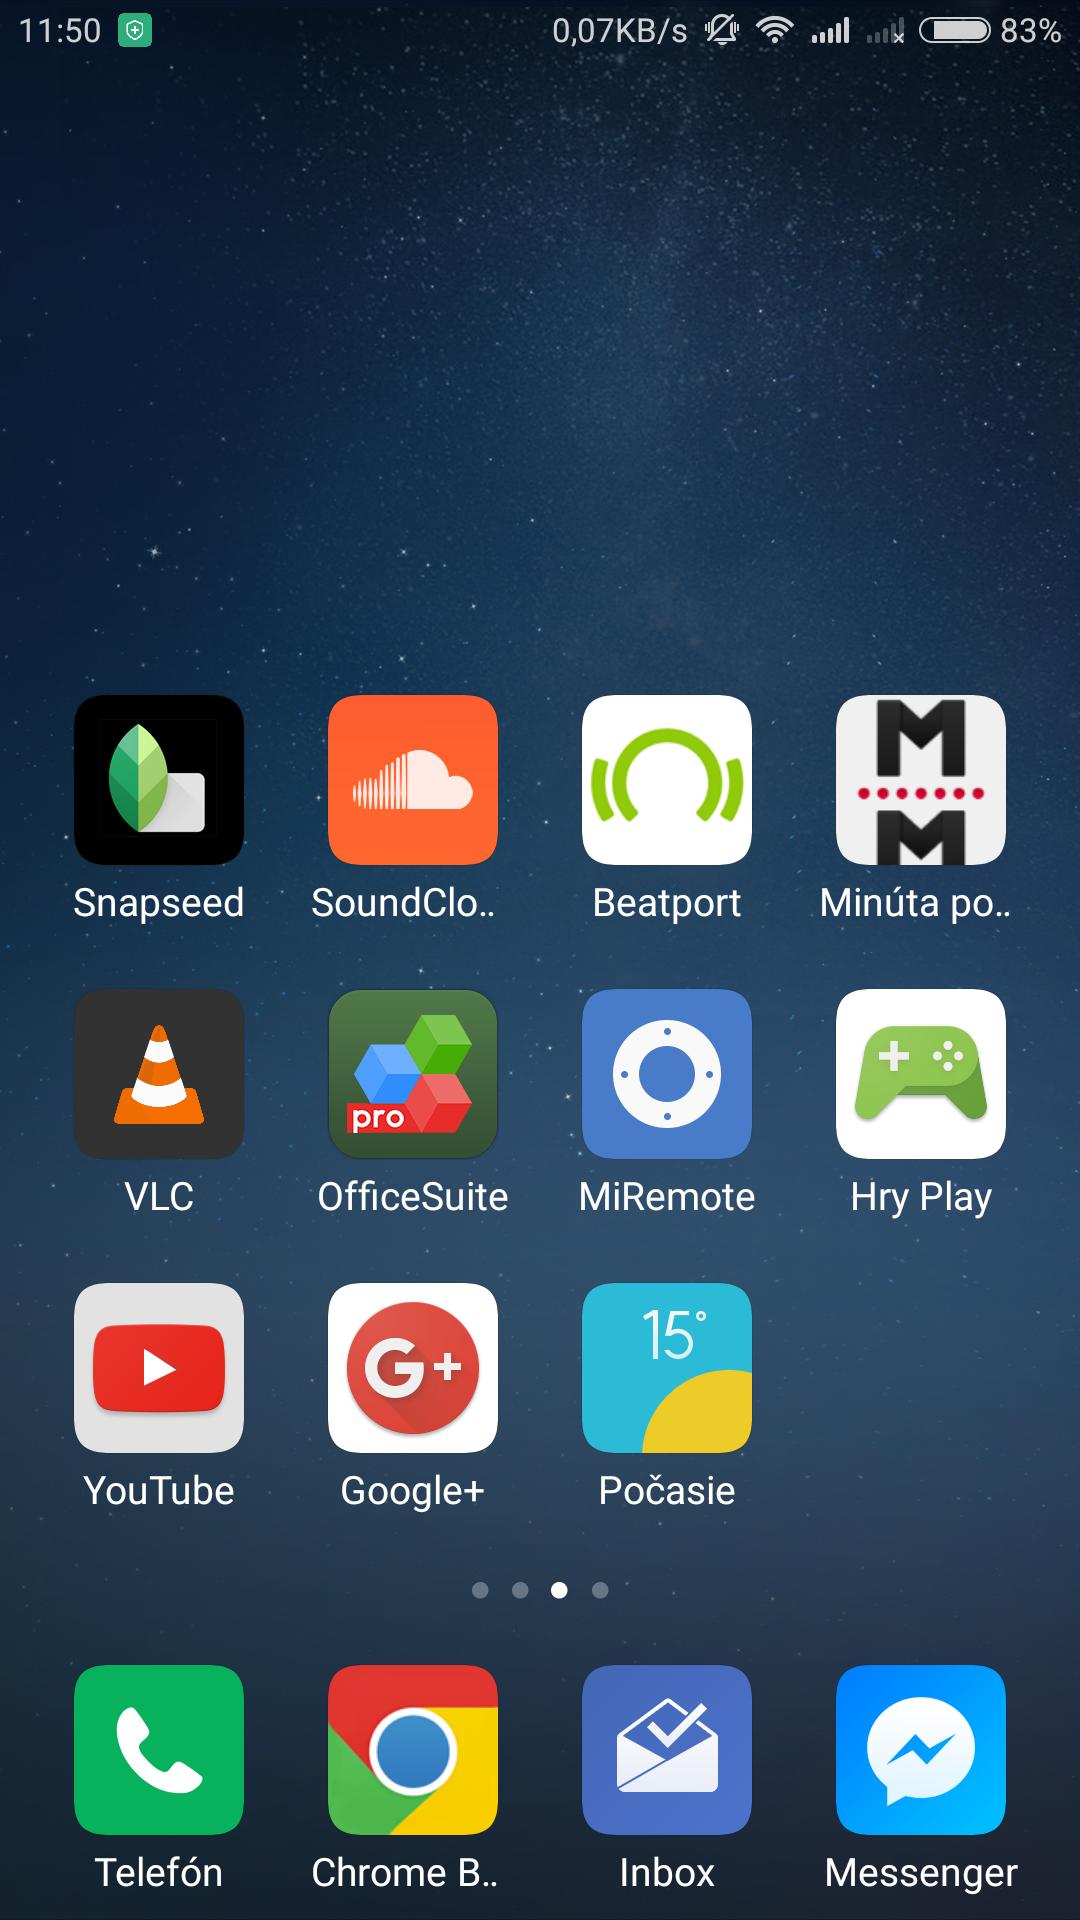 Screenshot_com.miui.home_2015-09-27-11-50-55